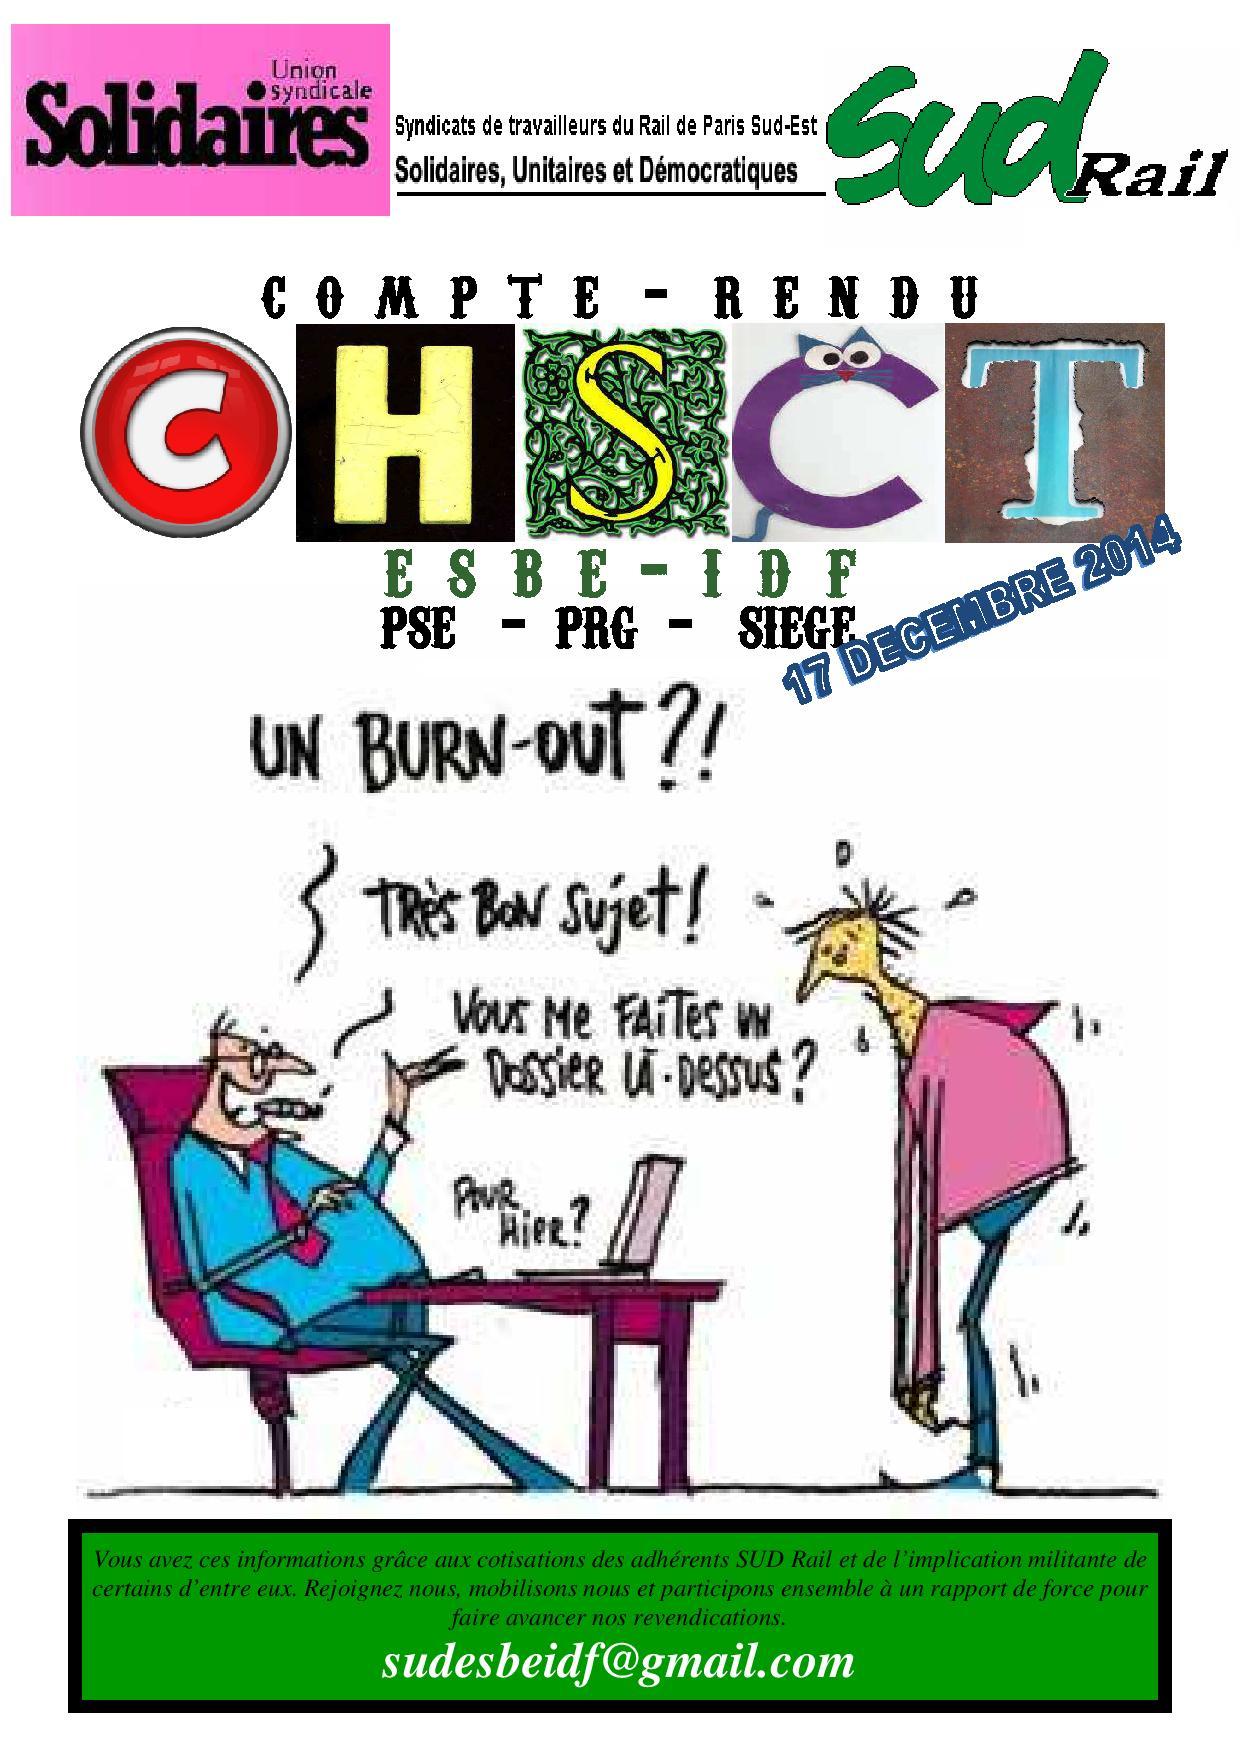 CHSCT ESBEidf 12-2014-page-001